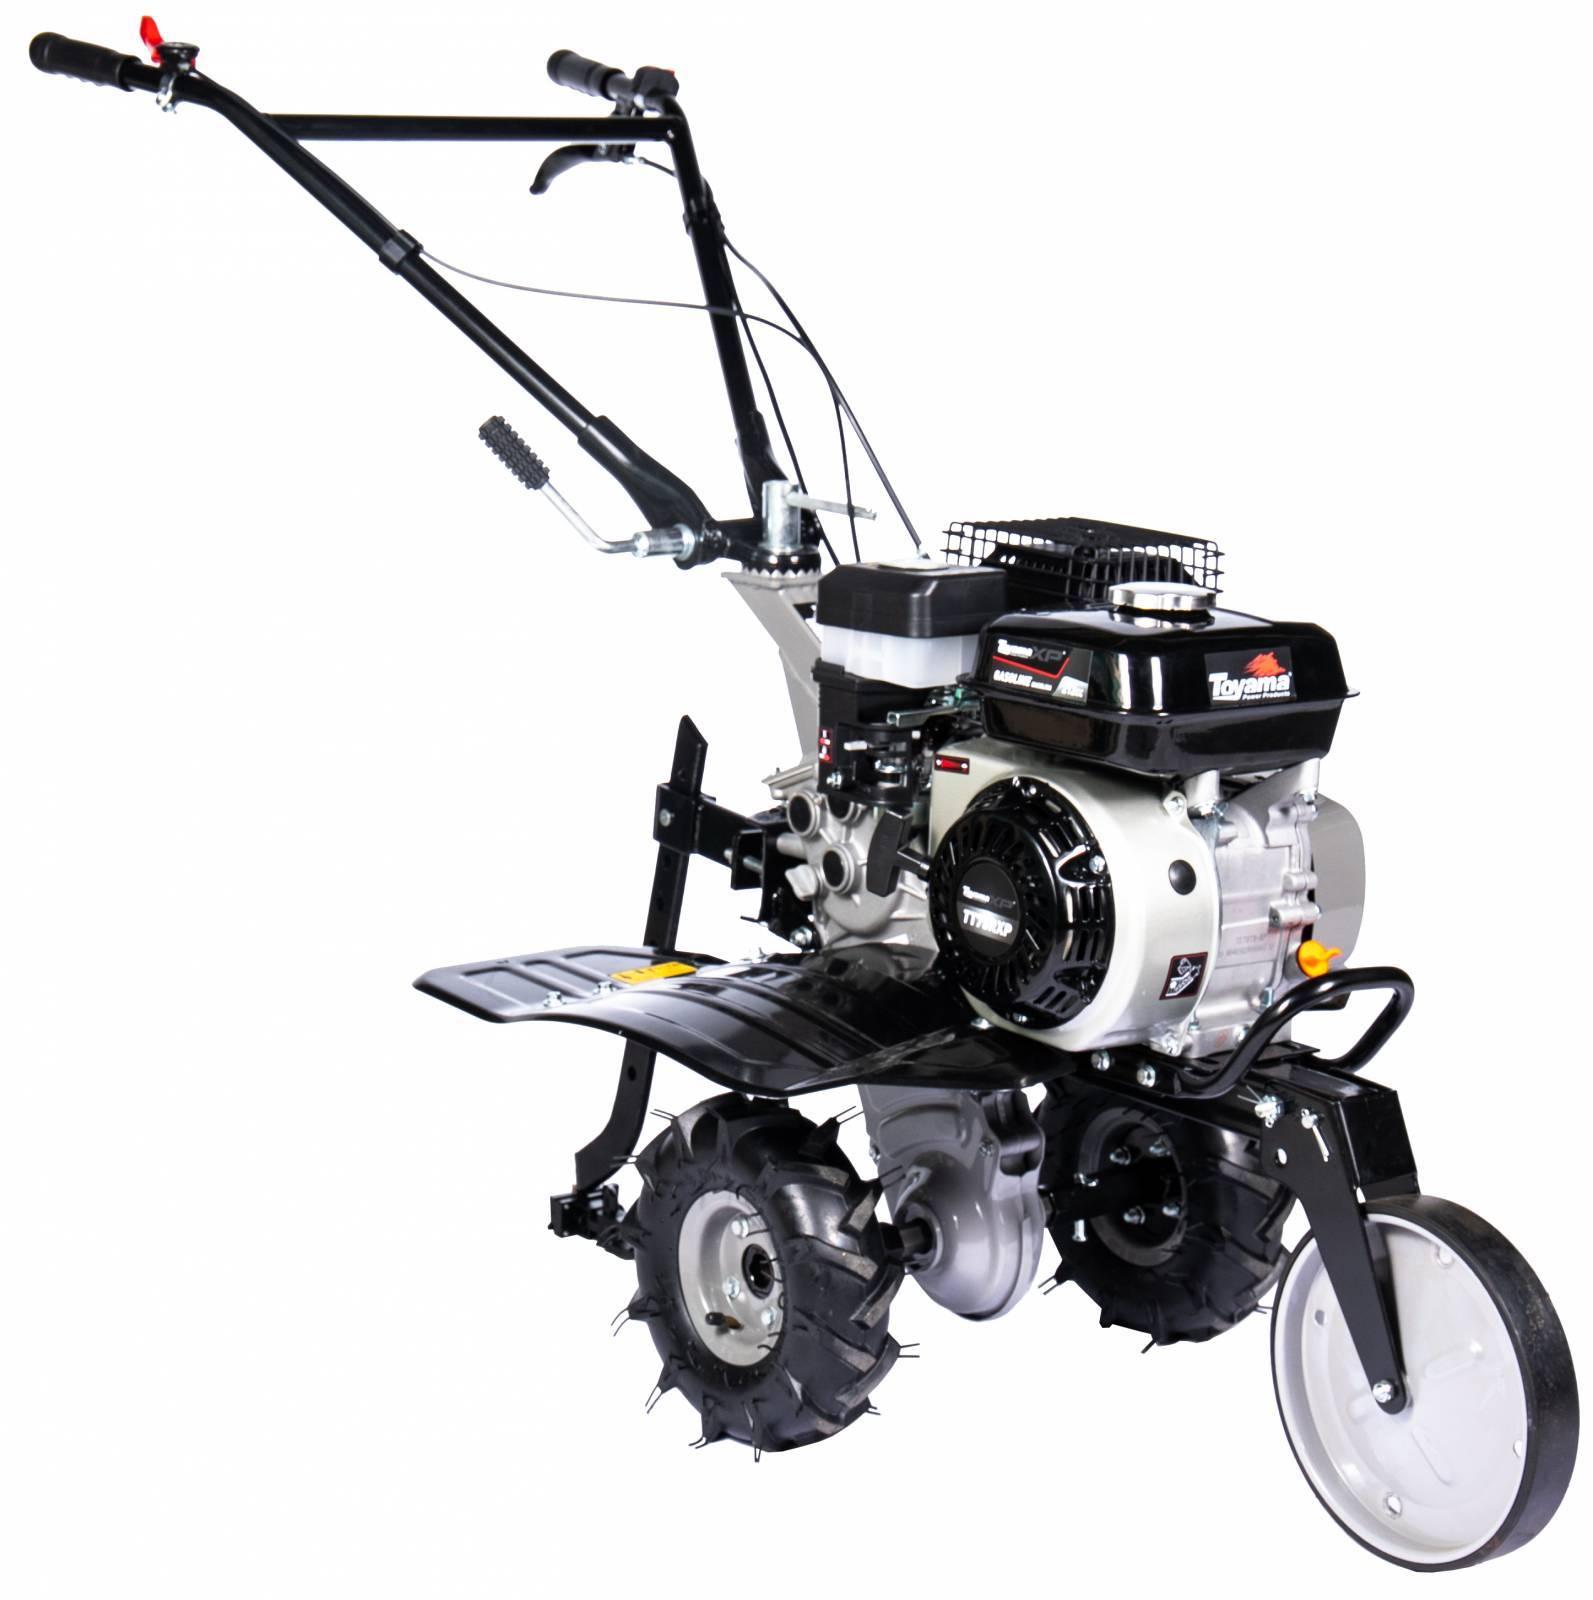 Motocultivador À Gasolina 7,0 Hp TT75R-XP com Rodas, Enxadas - BSS Maquinas